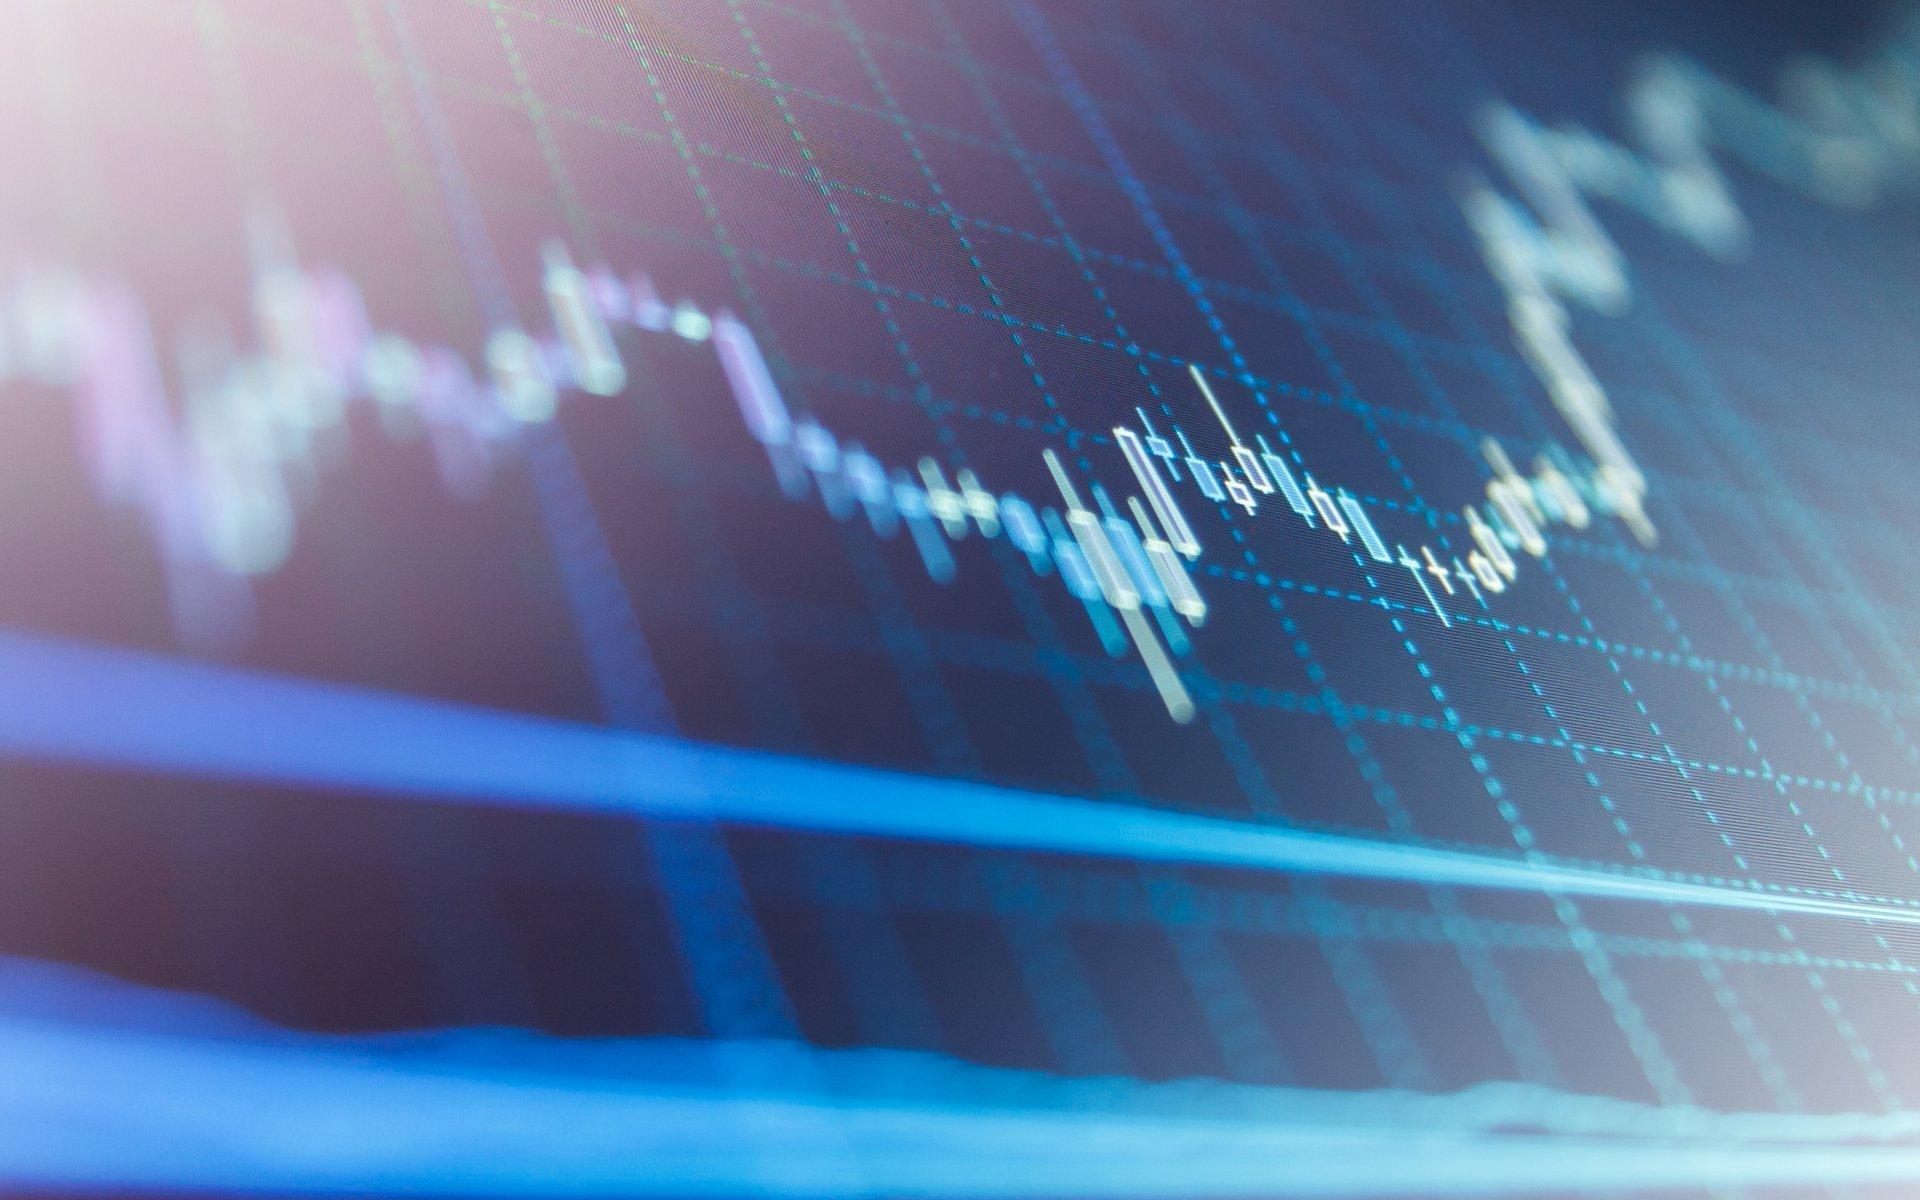 26 Eylül Cardano (ADA) ve Waves fiyat analizi